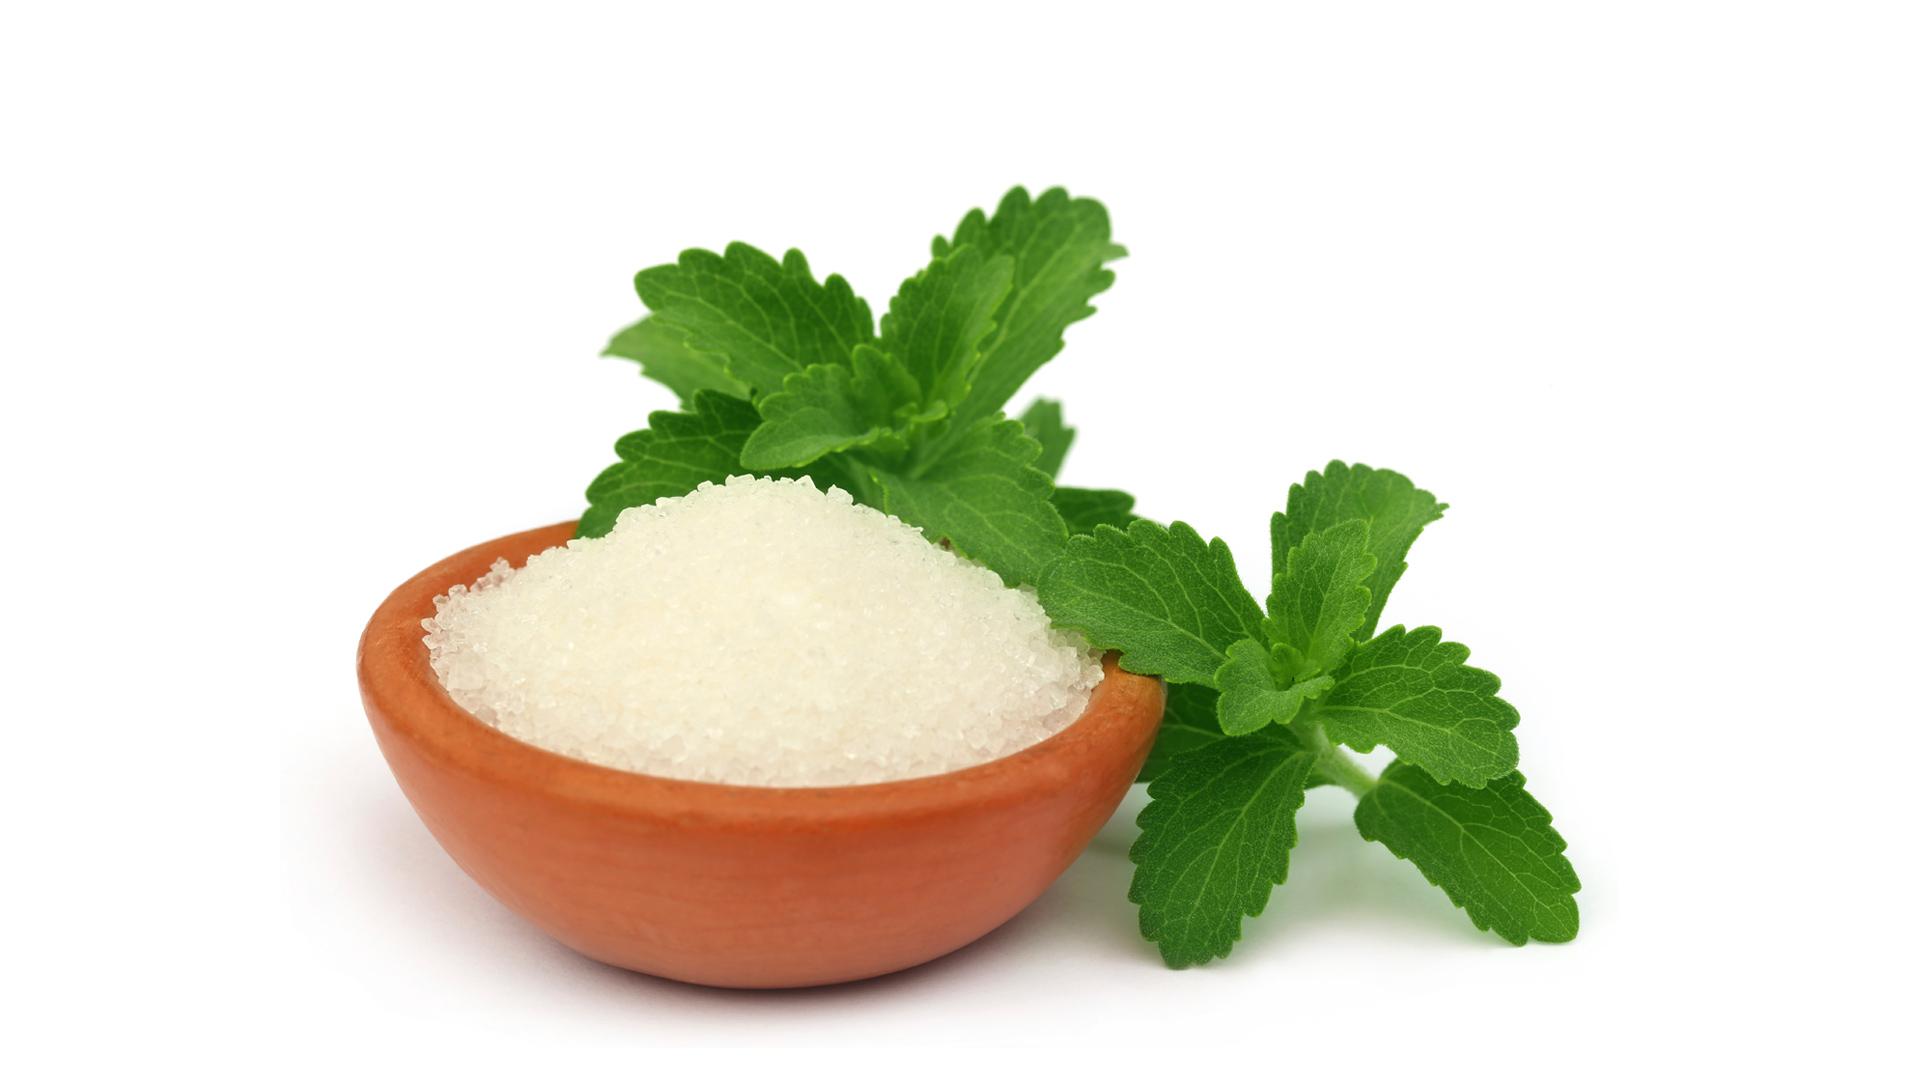 Esta planta sudamericana tiene una capacidad de endulzar superior al azúcar y aporta calcio, magnesio y clorofila